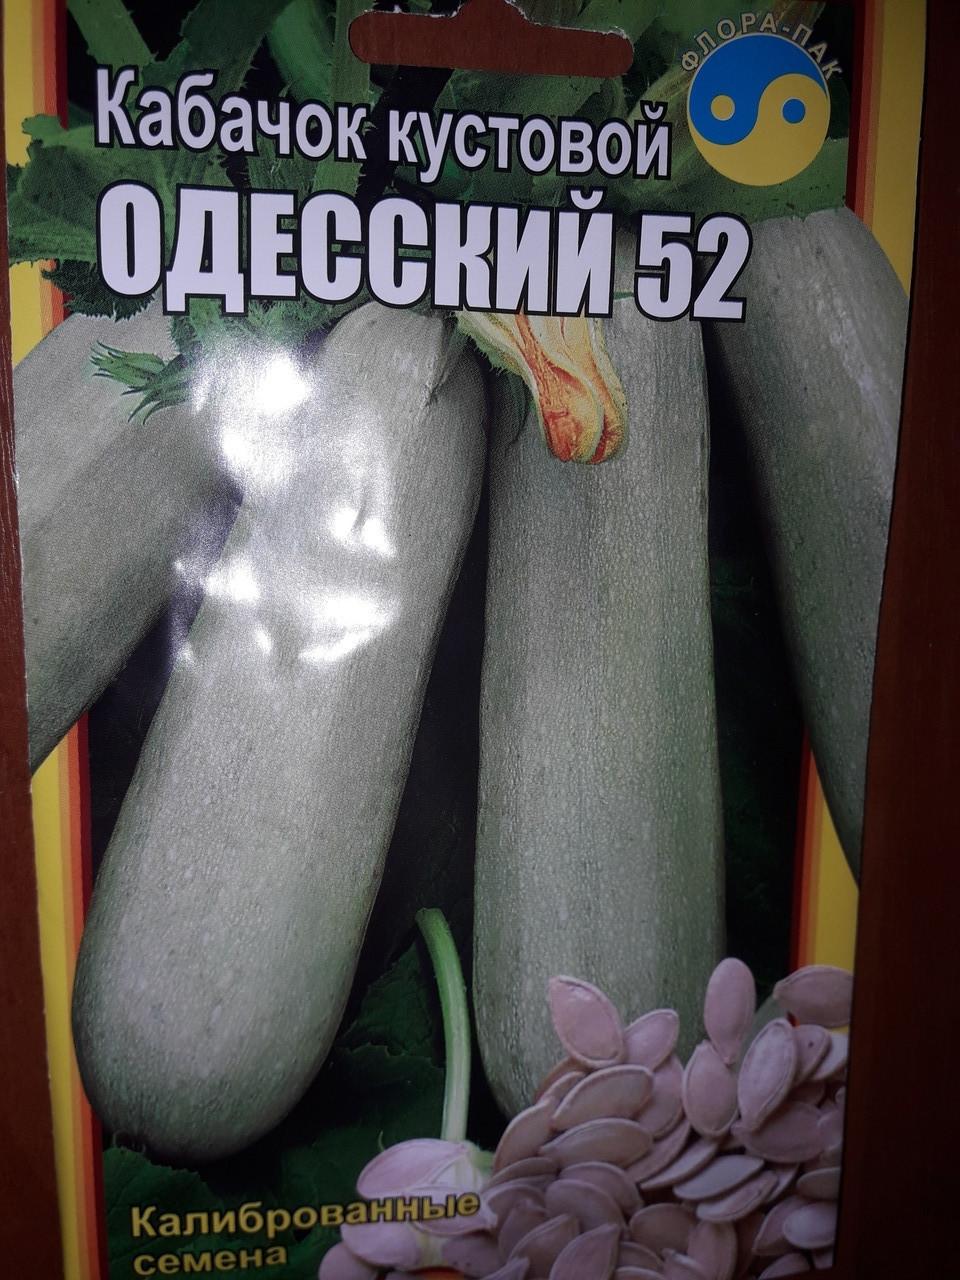 Семена кабачок кустовой Одесский 52